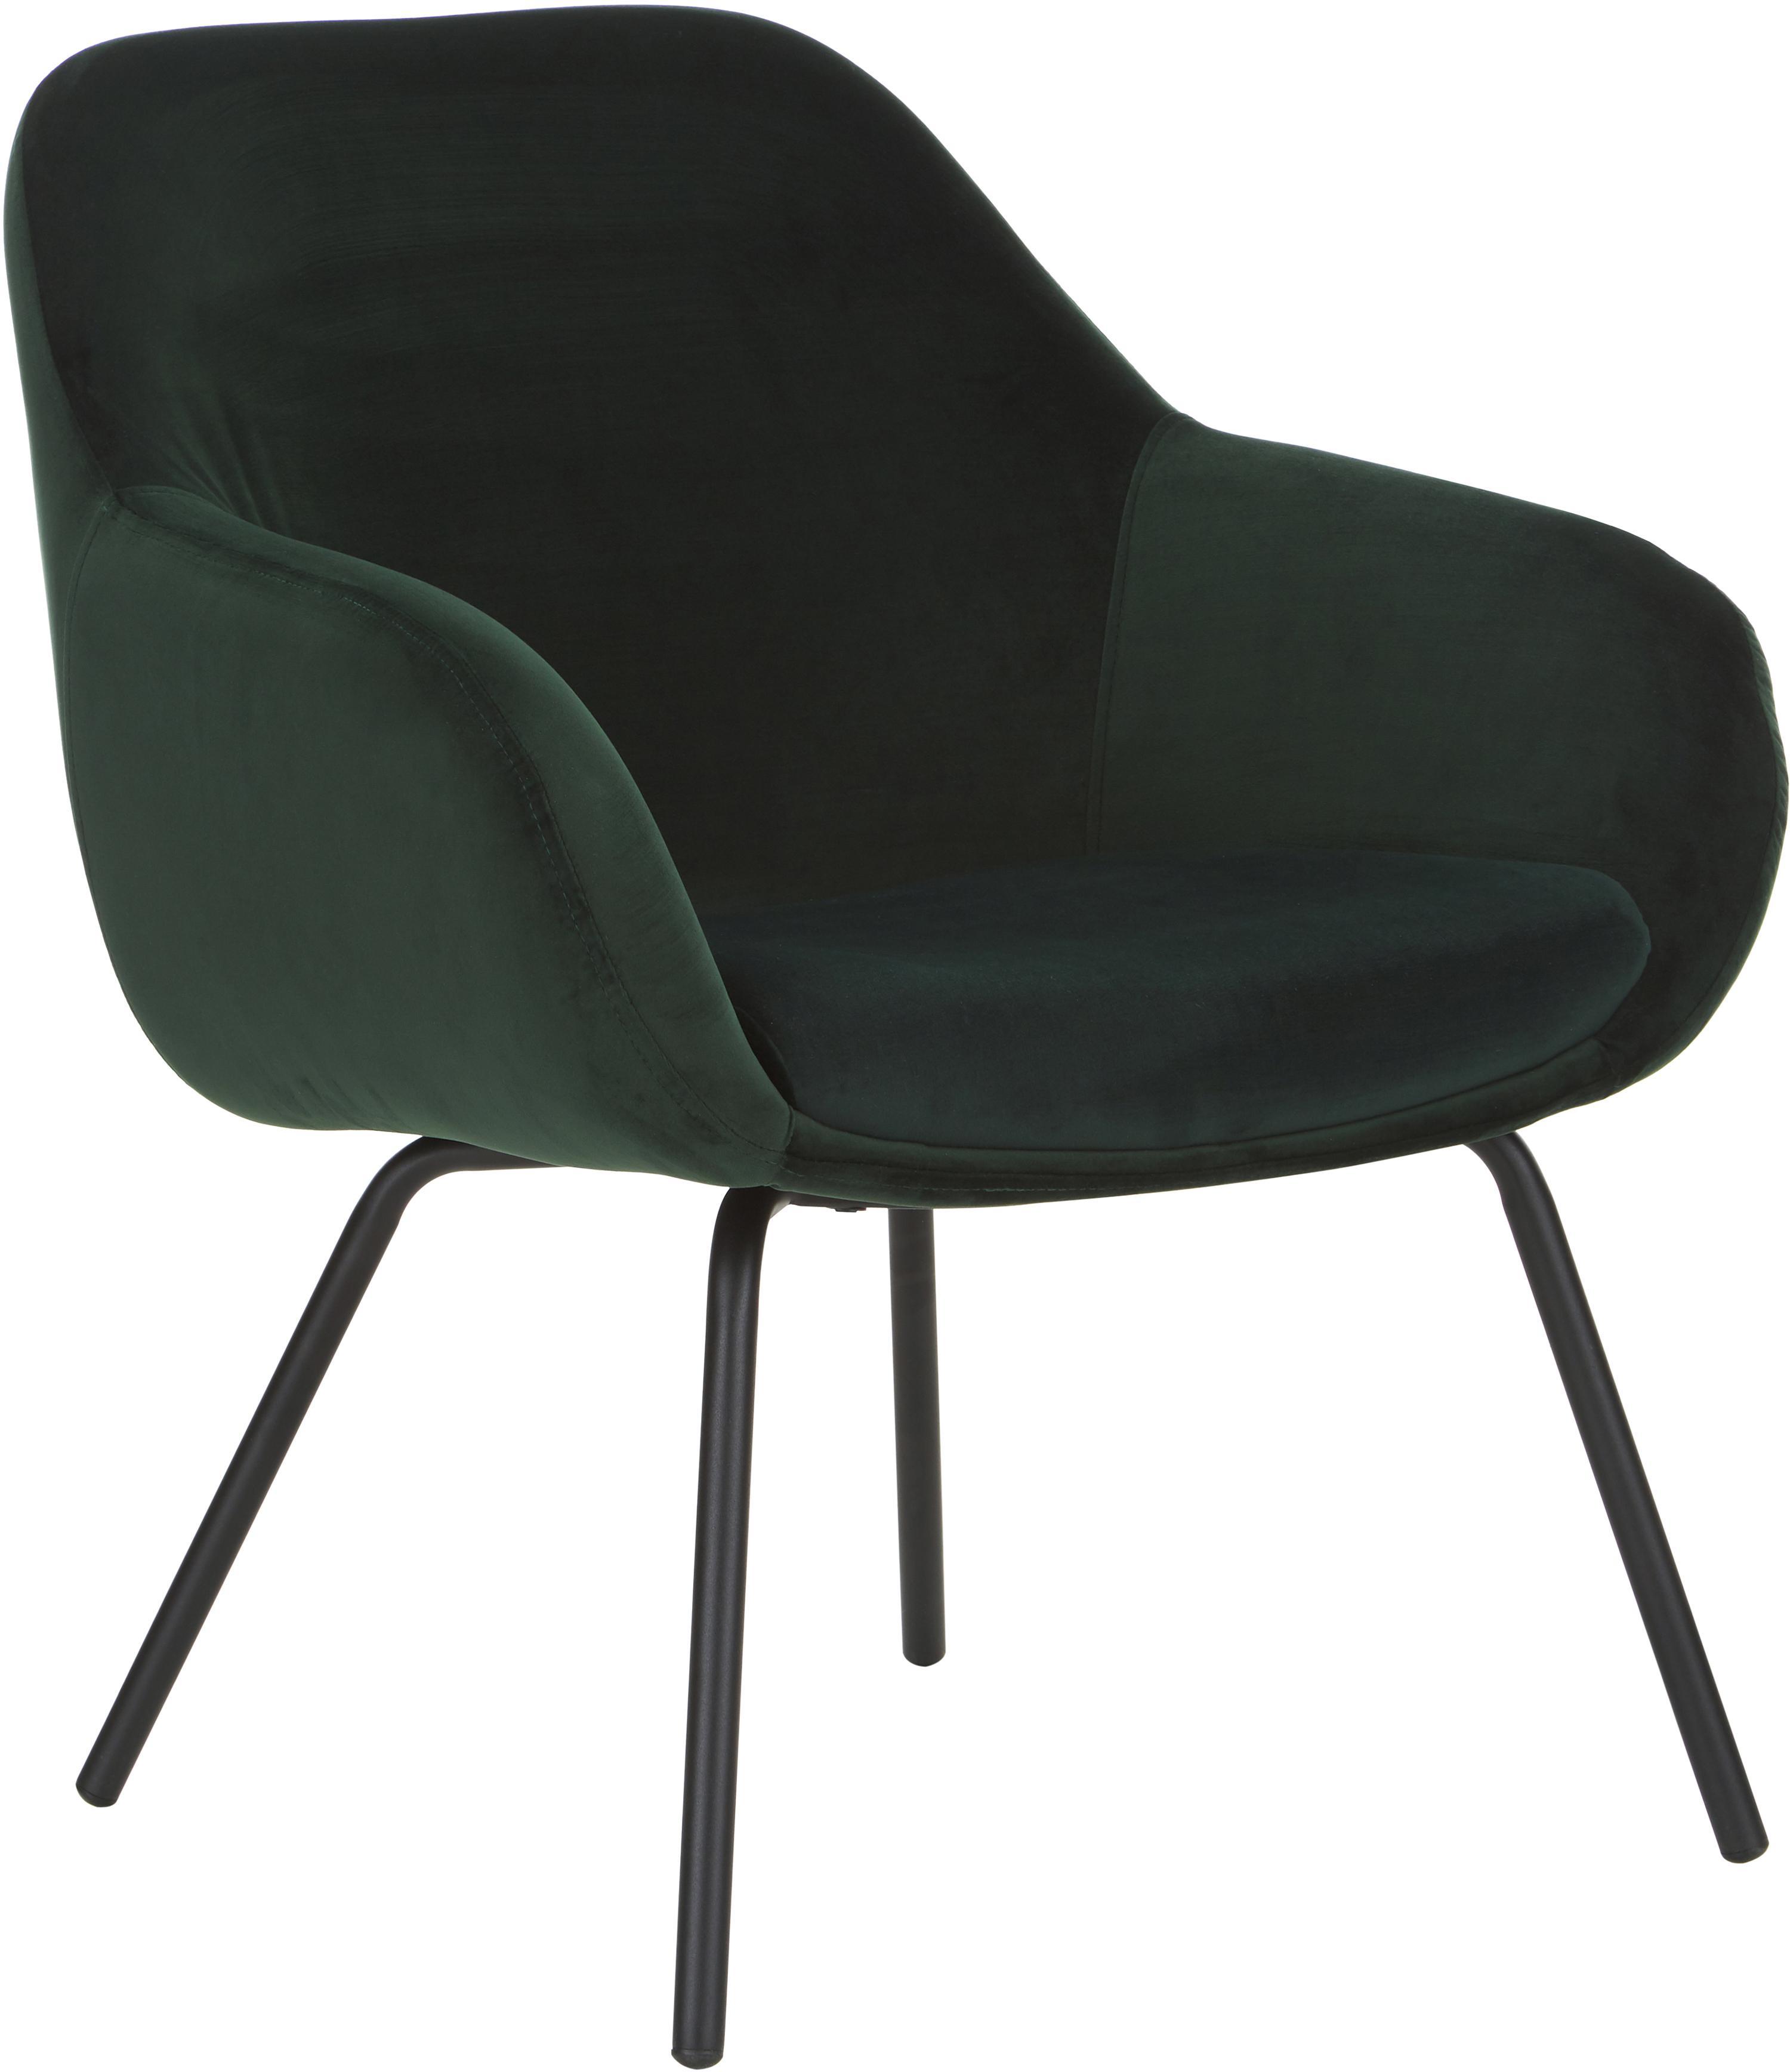 Sillón de terciopelo Jana, Tapizado: terciopelo (poliéster) 25, Patas: metal con pintura en polv, Verde oscuro, An 72 x F 68 cm